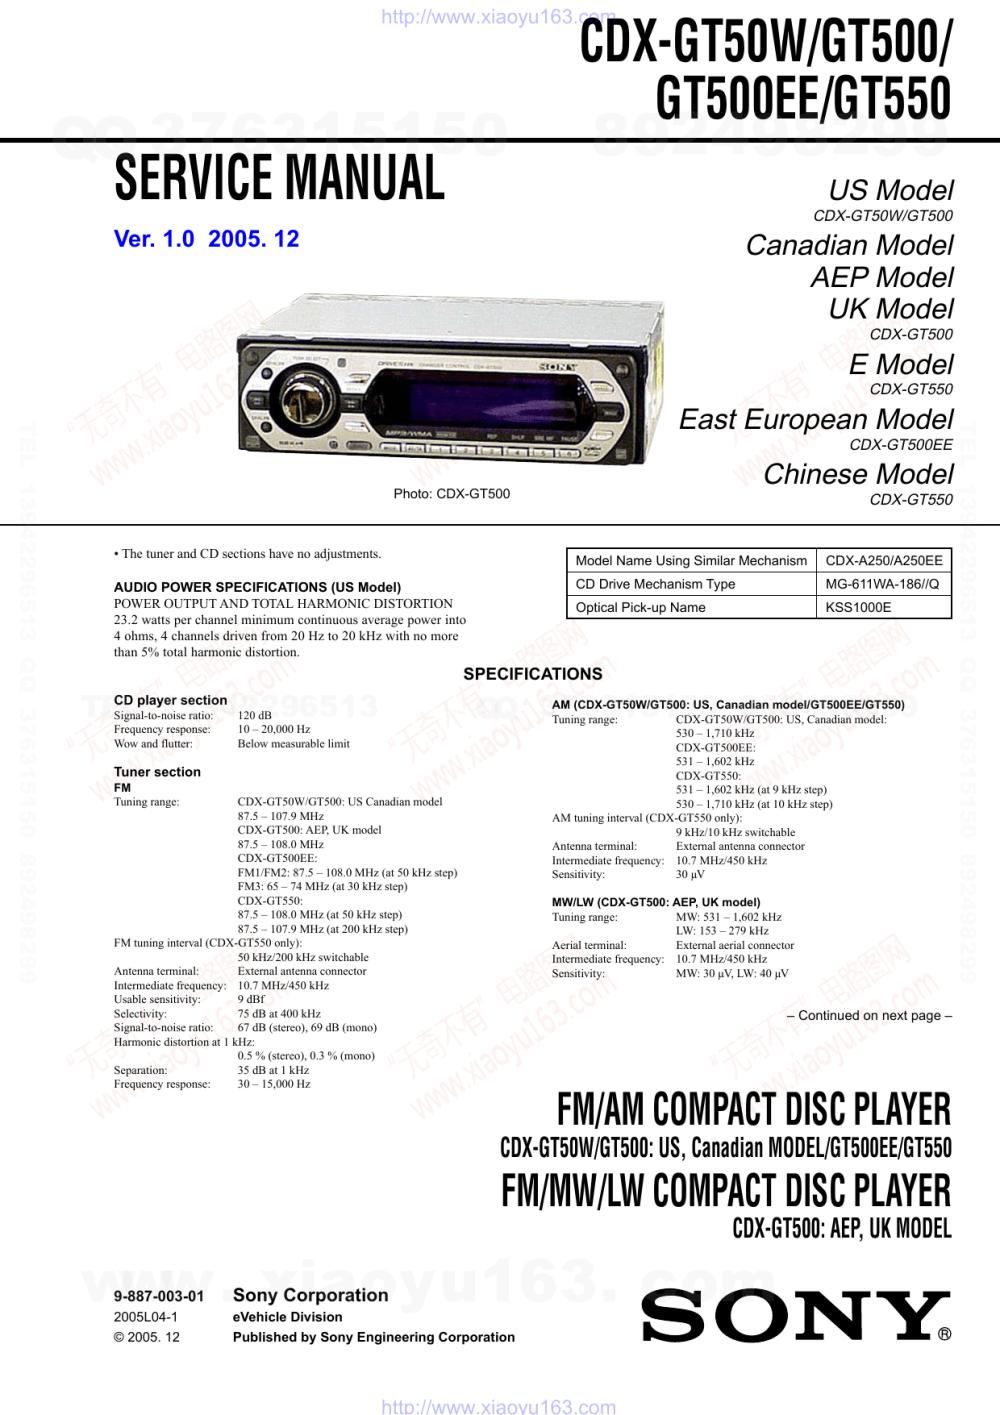 medium resolution of cdx gt50w gt500